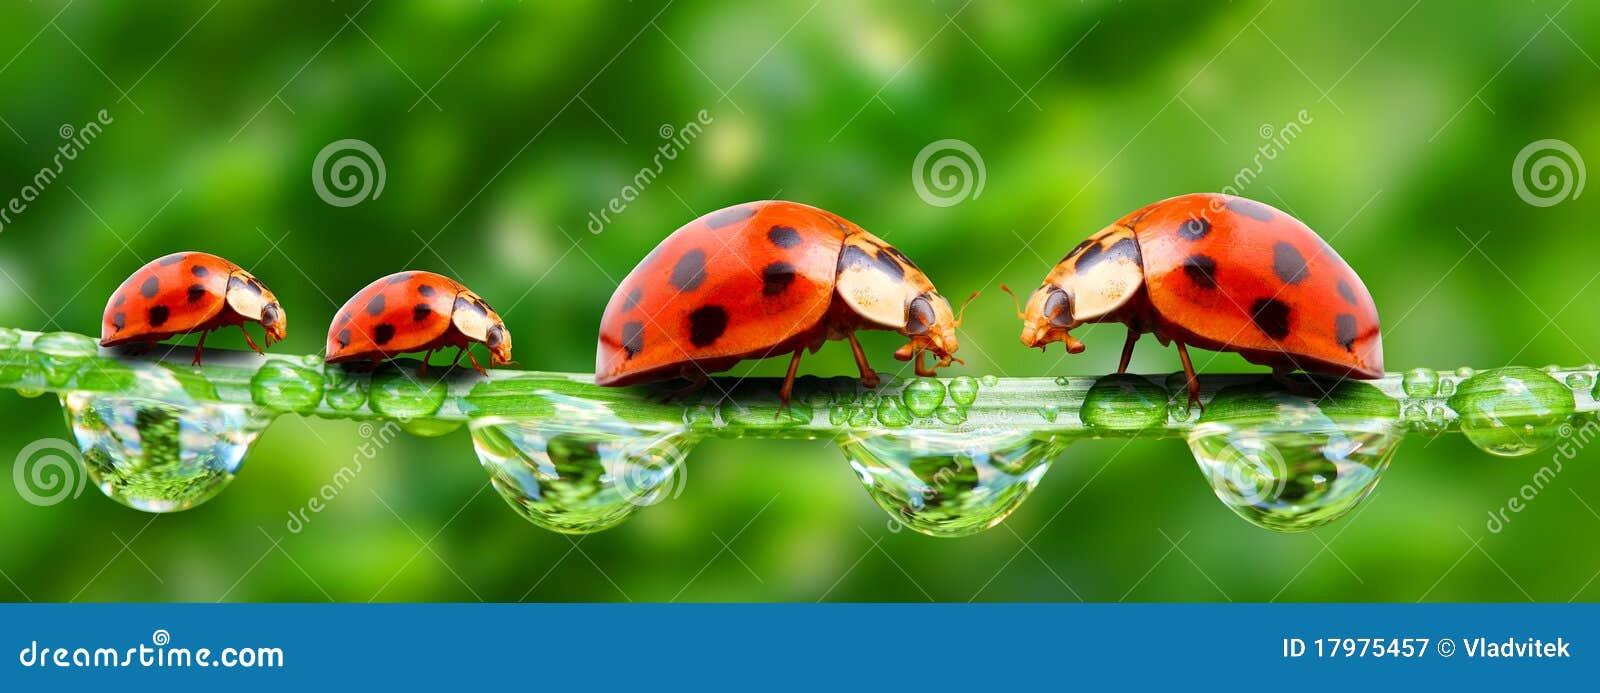 Ladybugs Family. Royalty Free Stock Photography - Image: 17975457